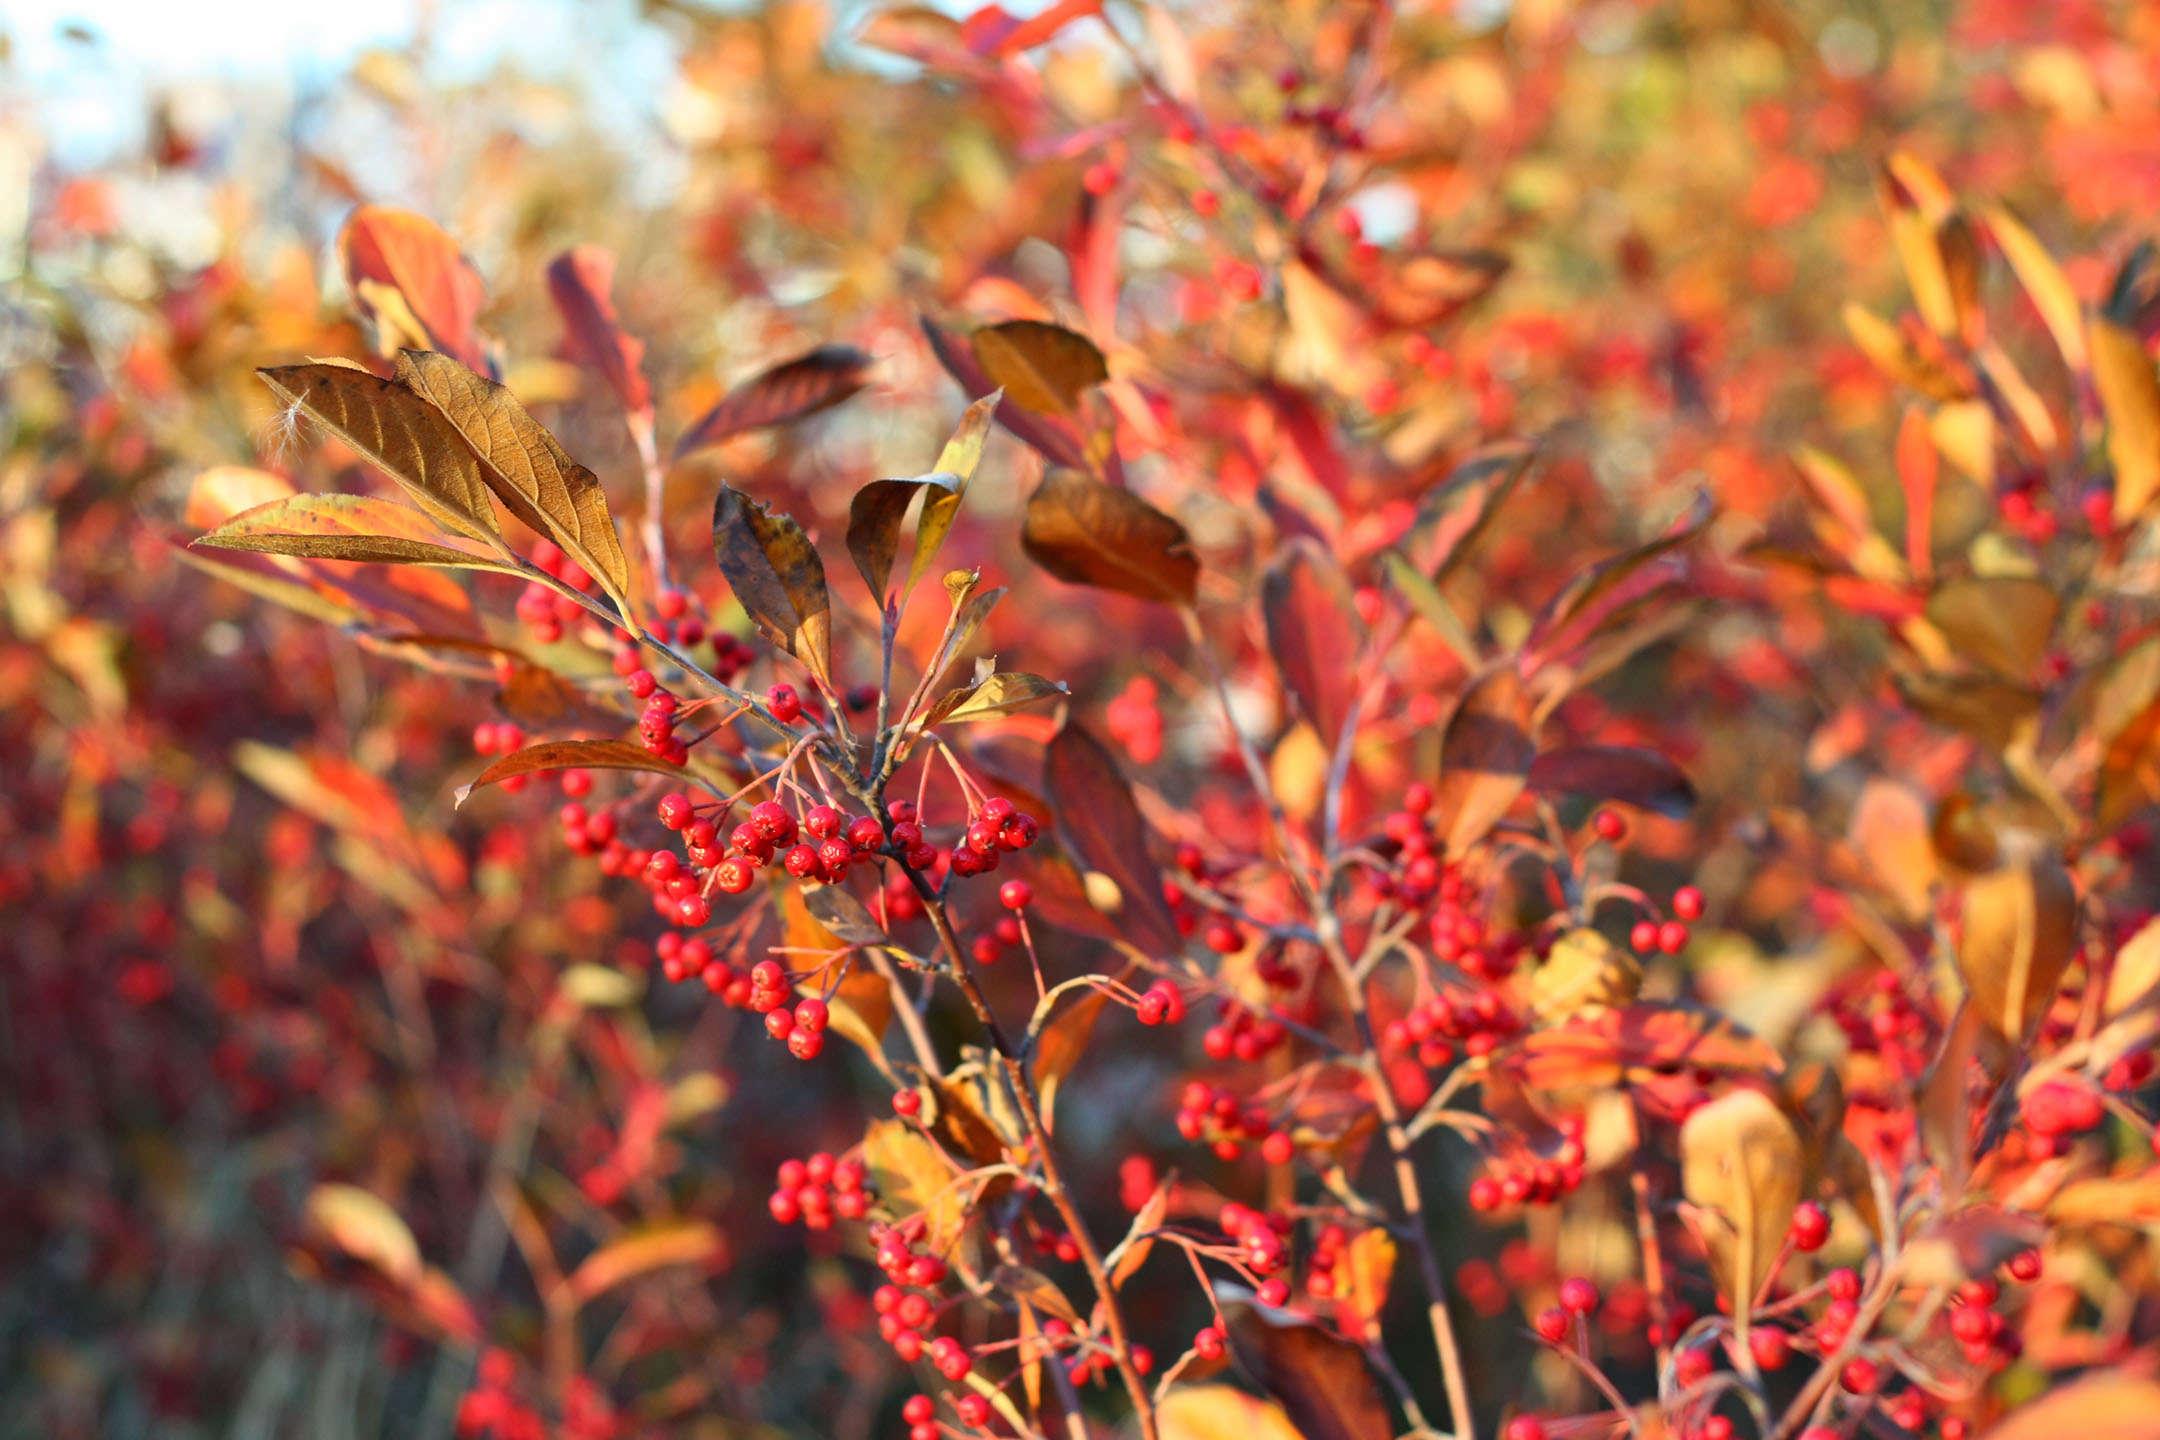 Éxito sin sol: 15 gran, fácil de cultivar arbustos para la sombra | Artículos de Jardinería de Estado por Estado